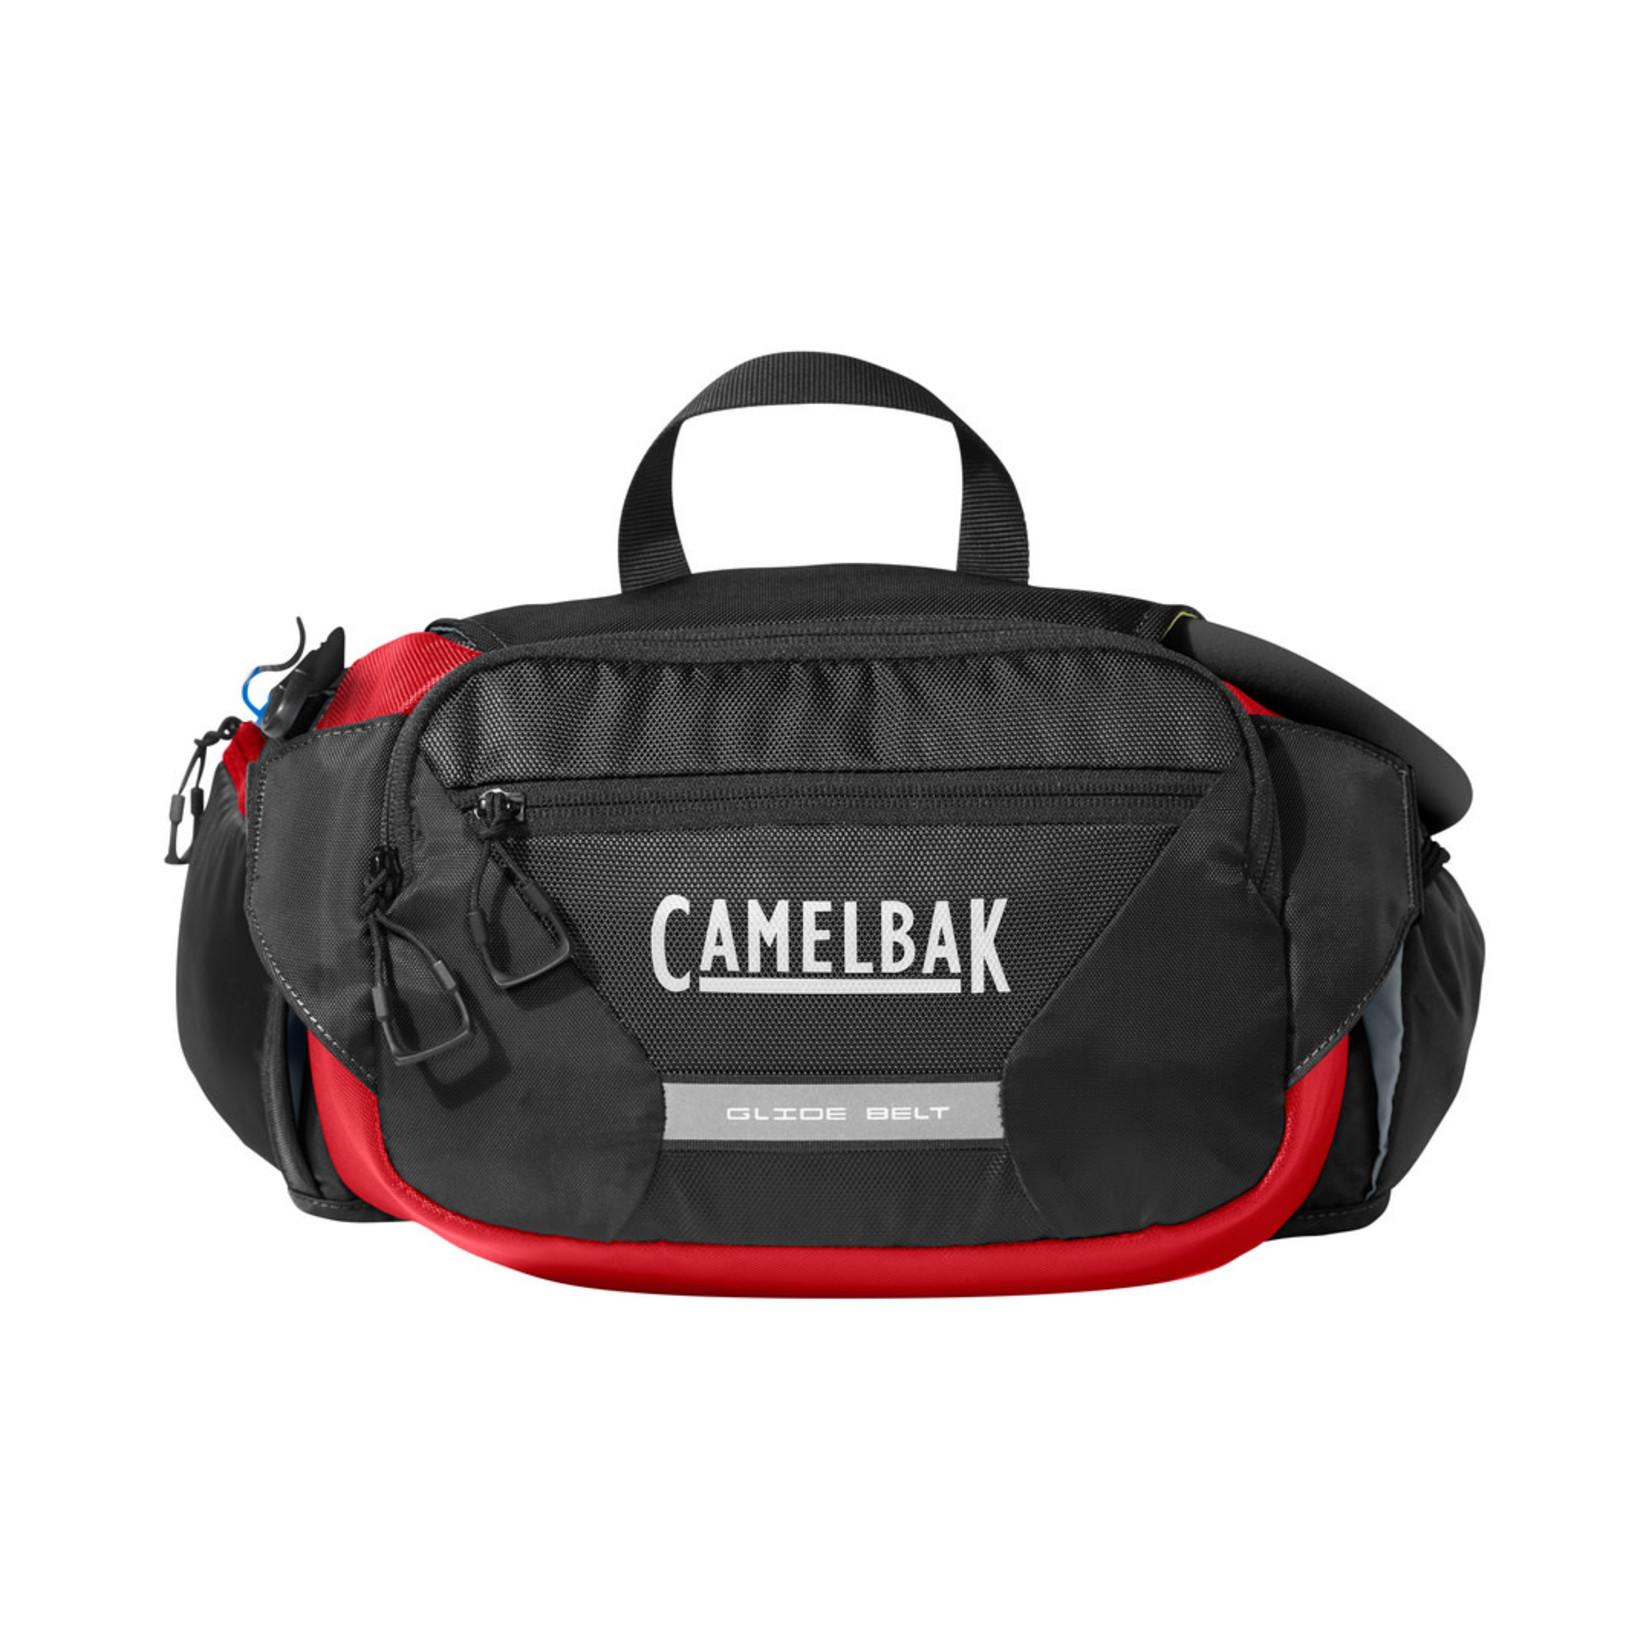 CAMELBAK CamelBak - Glide Belt rossa/nera